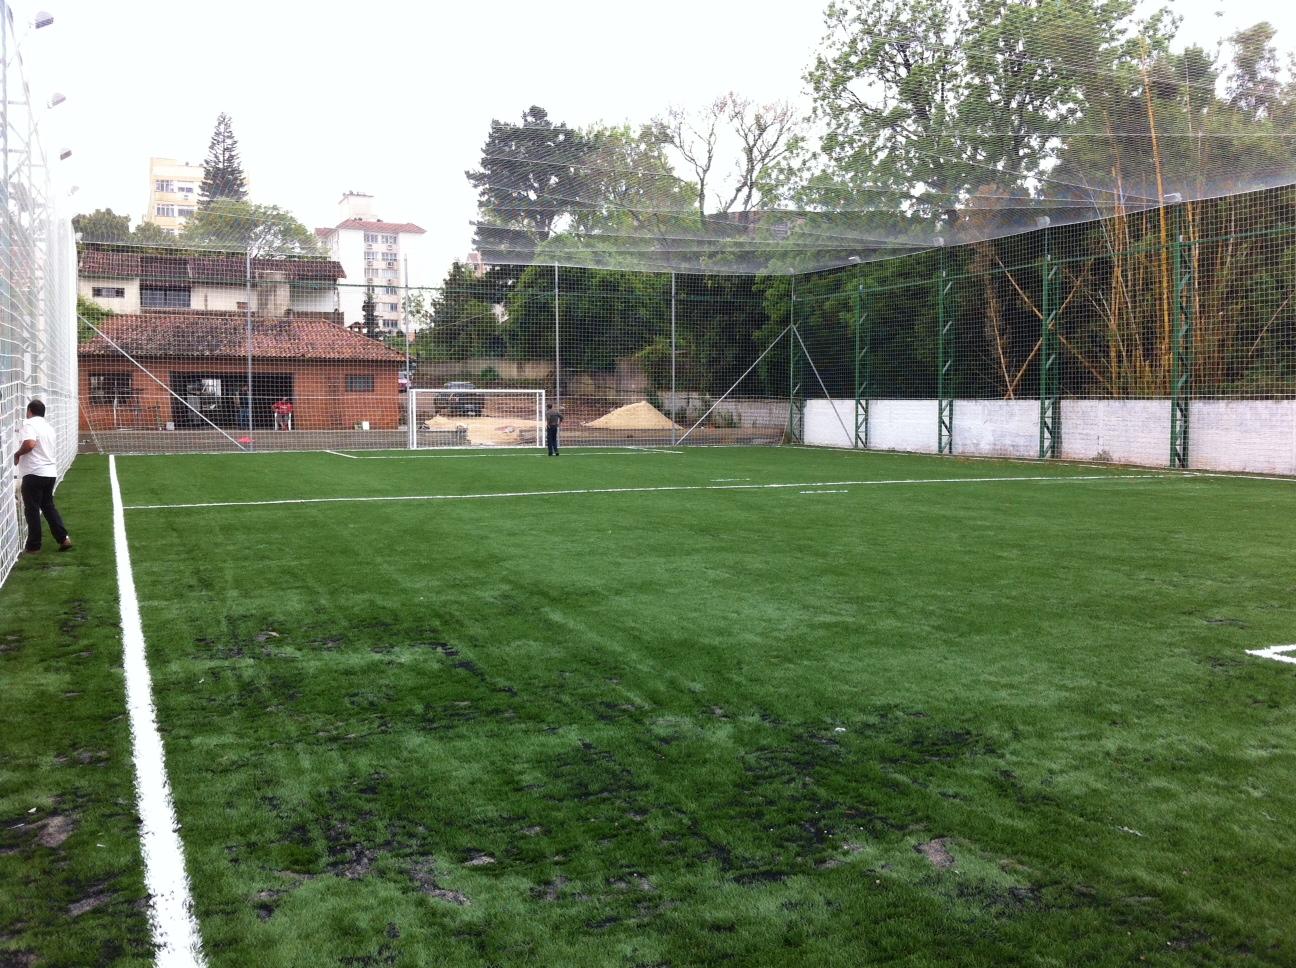 Vini Sports - Campo de futebol 7 em grama sintética - Porto Alegre / Rio Grande do Sul